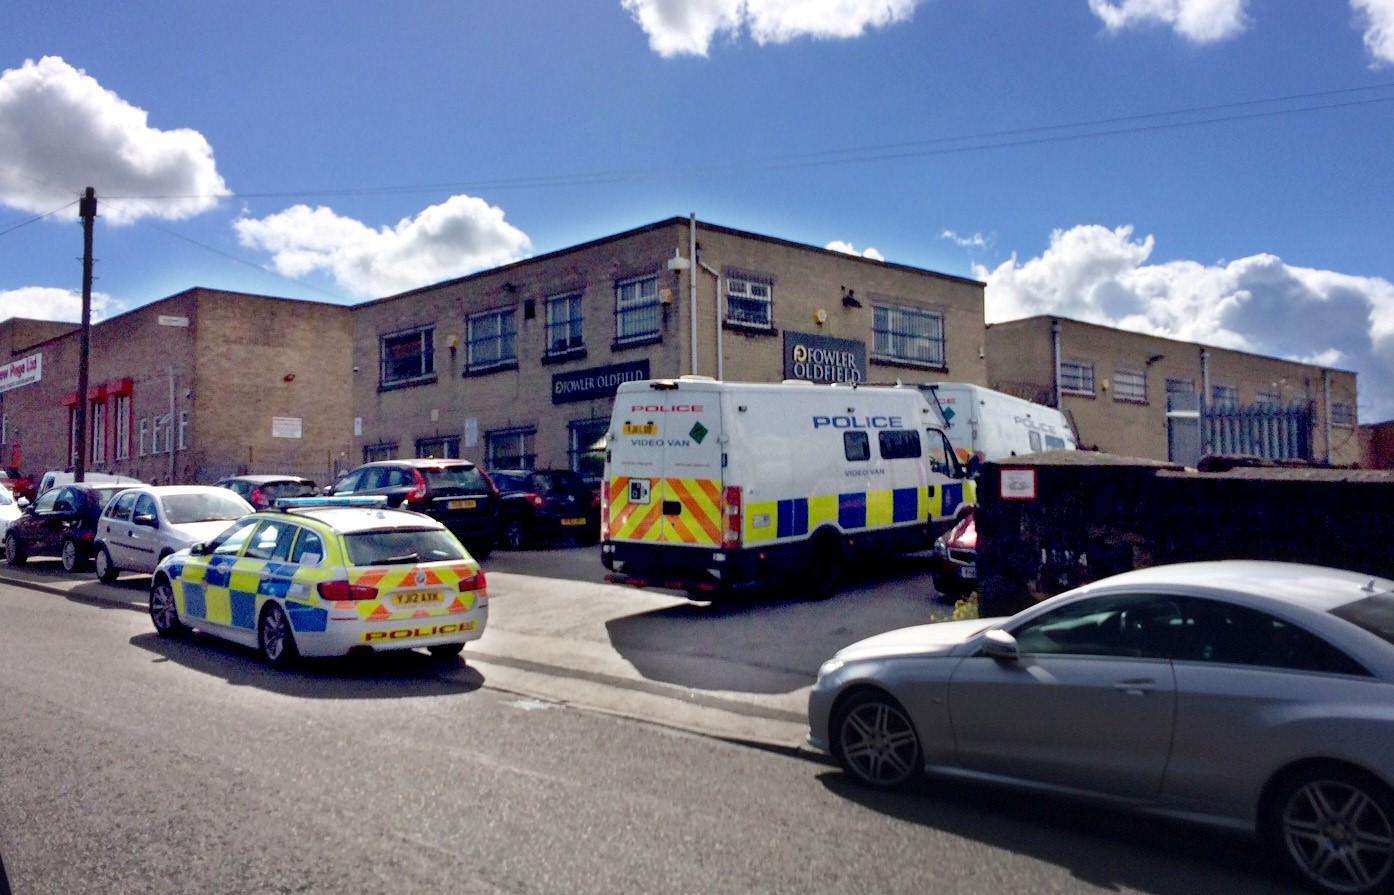 Four delivered £2m in cash to Bradford gold dealer